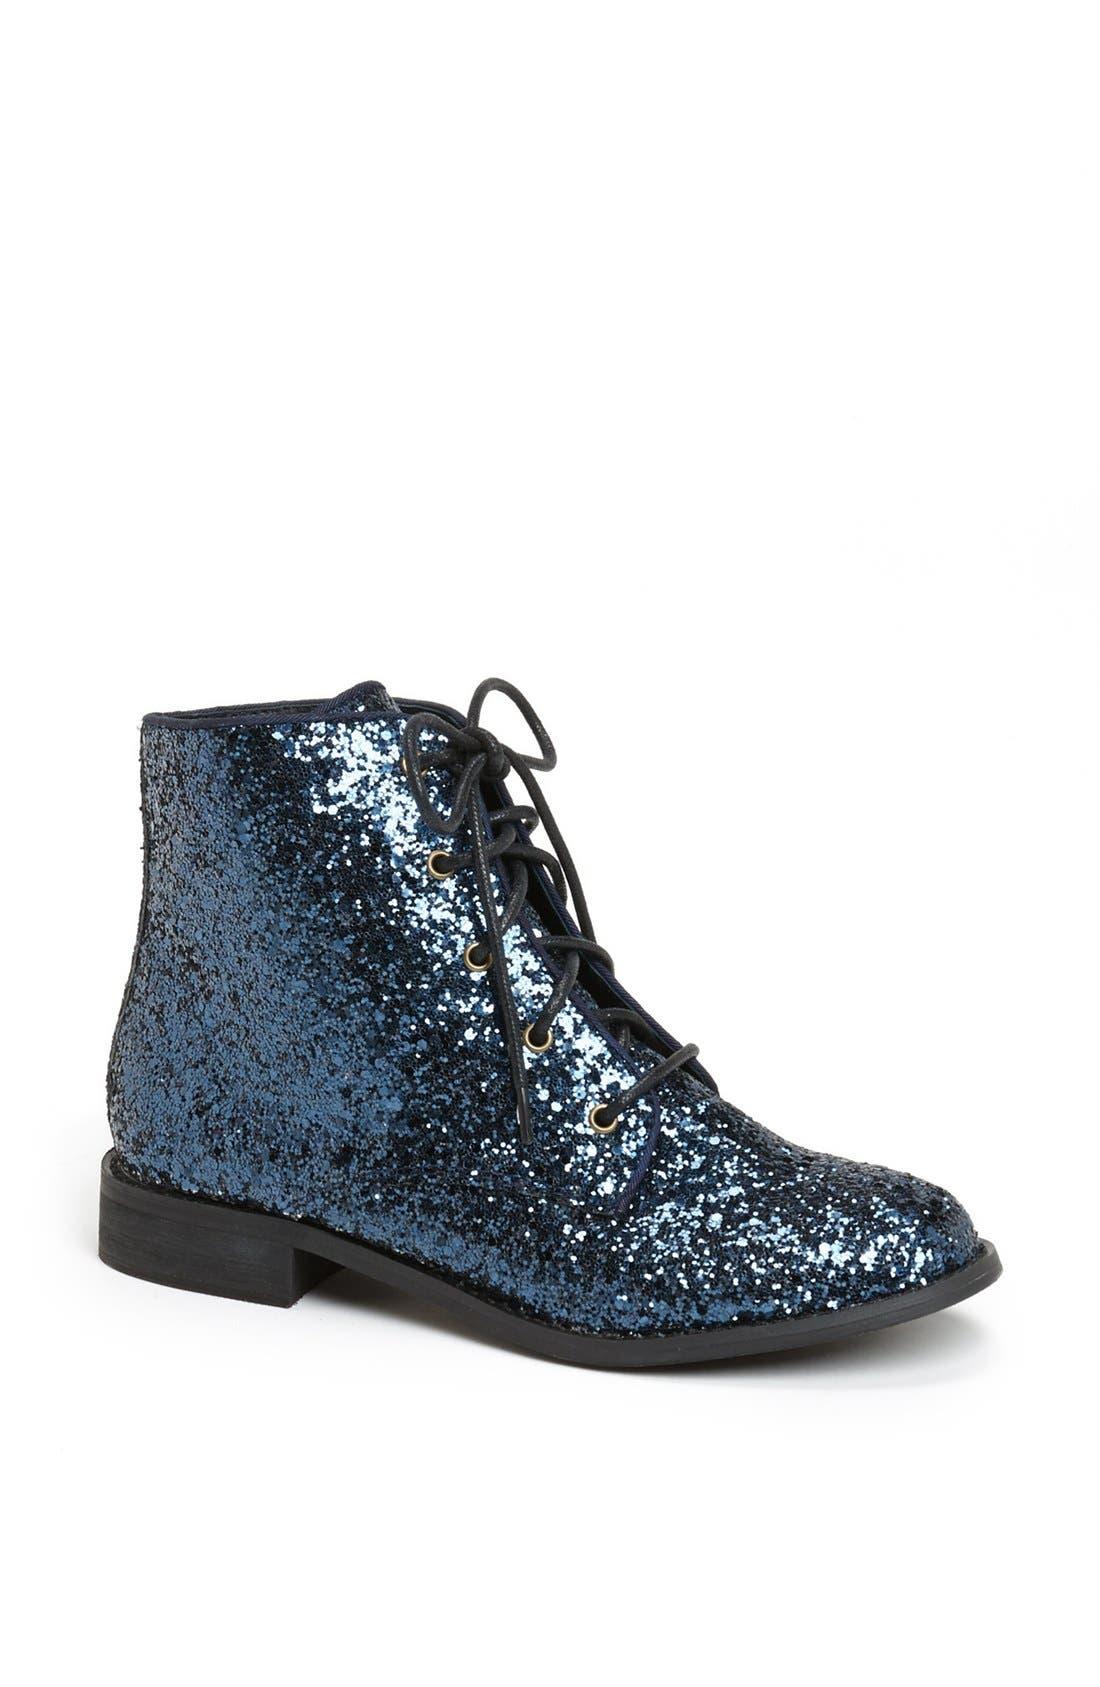 Main Image - Shellys London 'Kmenta' Glitter Boot